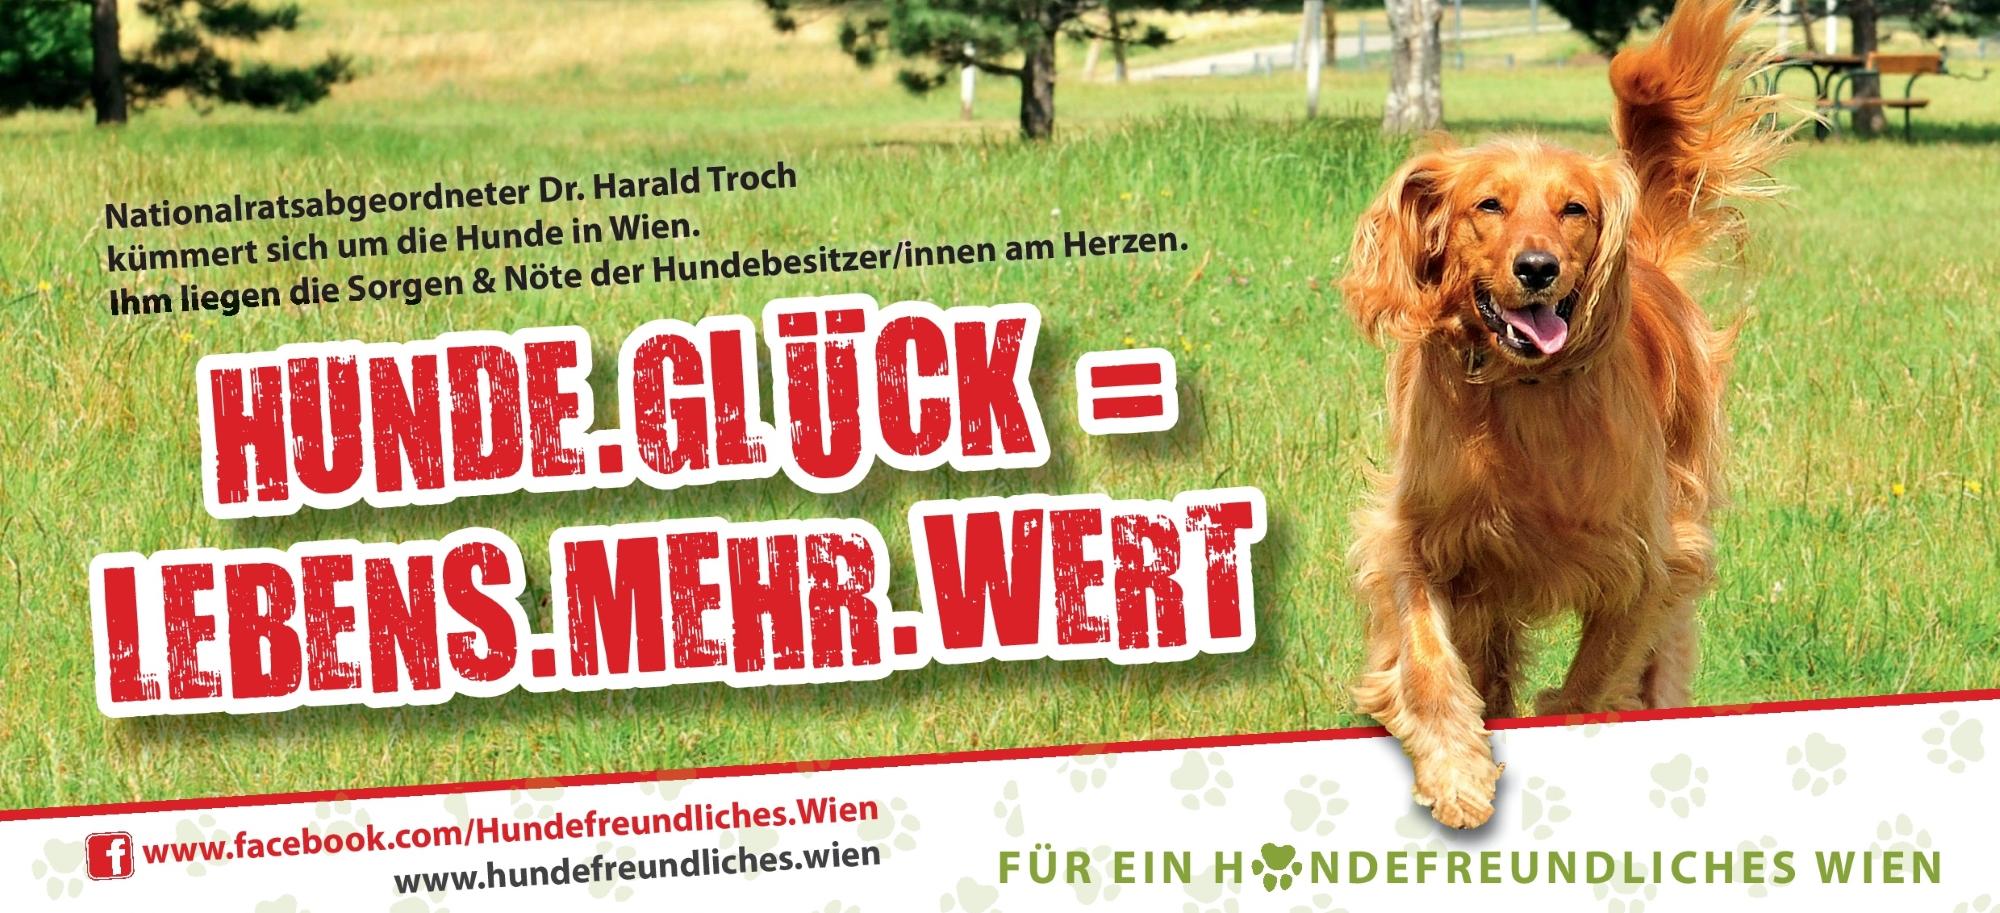 Hundefreundliches.Wien